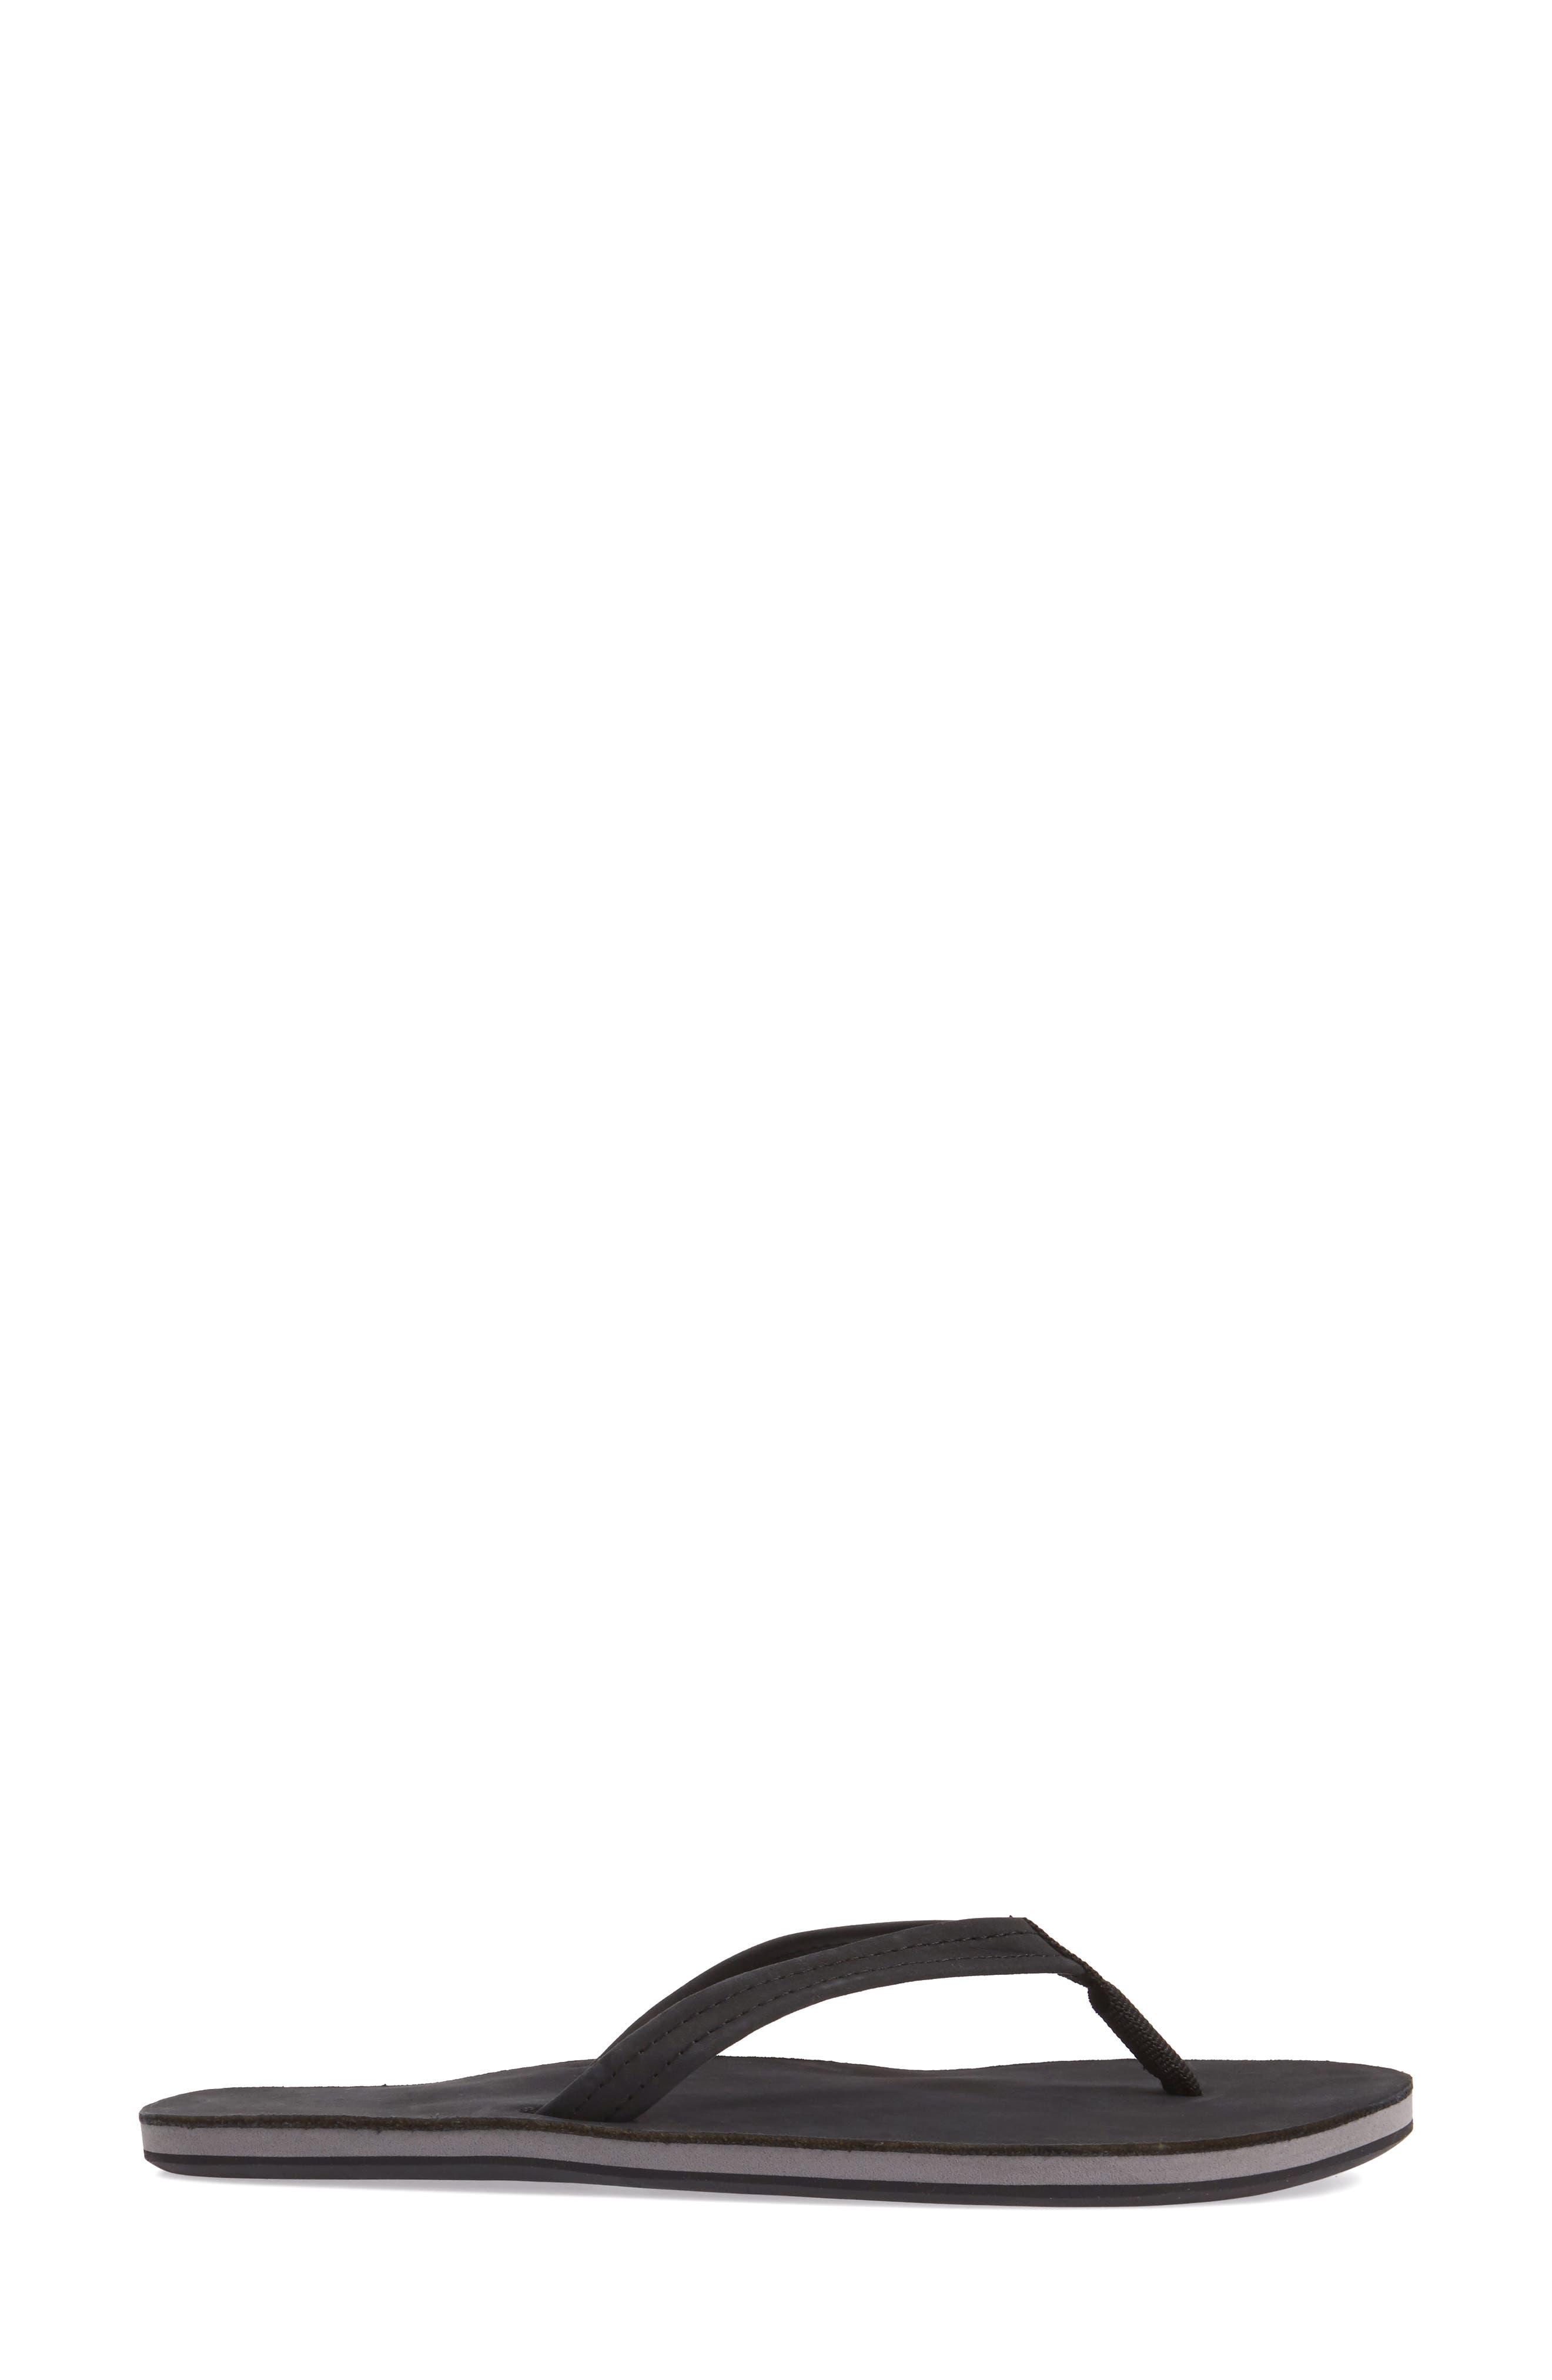 Fields Flip Flop,                             Alternate thumbnail 3, color,                             Black/ Seafoam/ Black